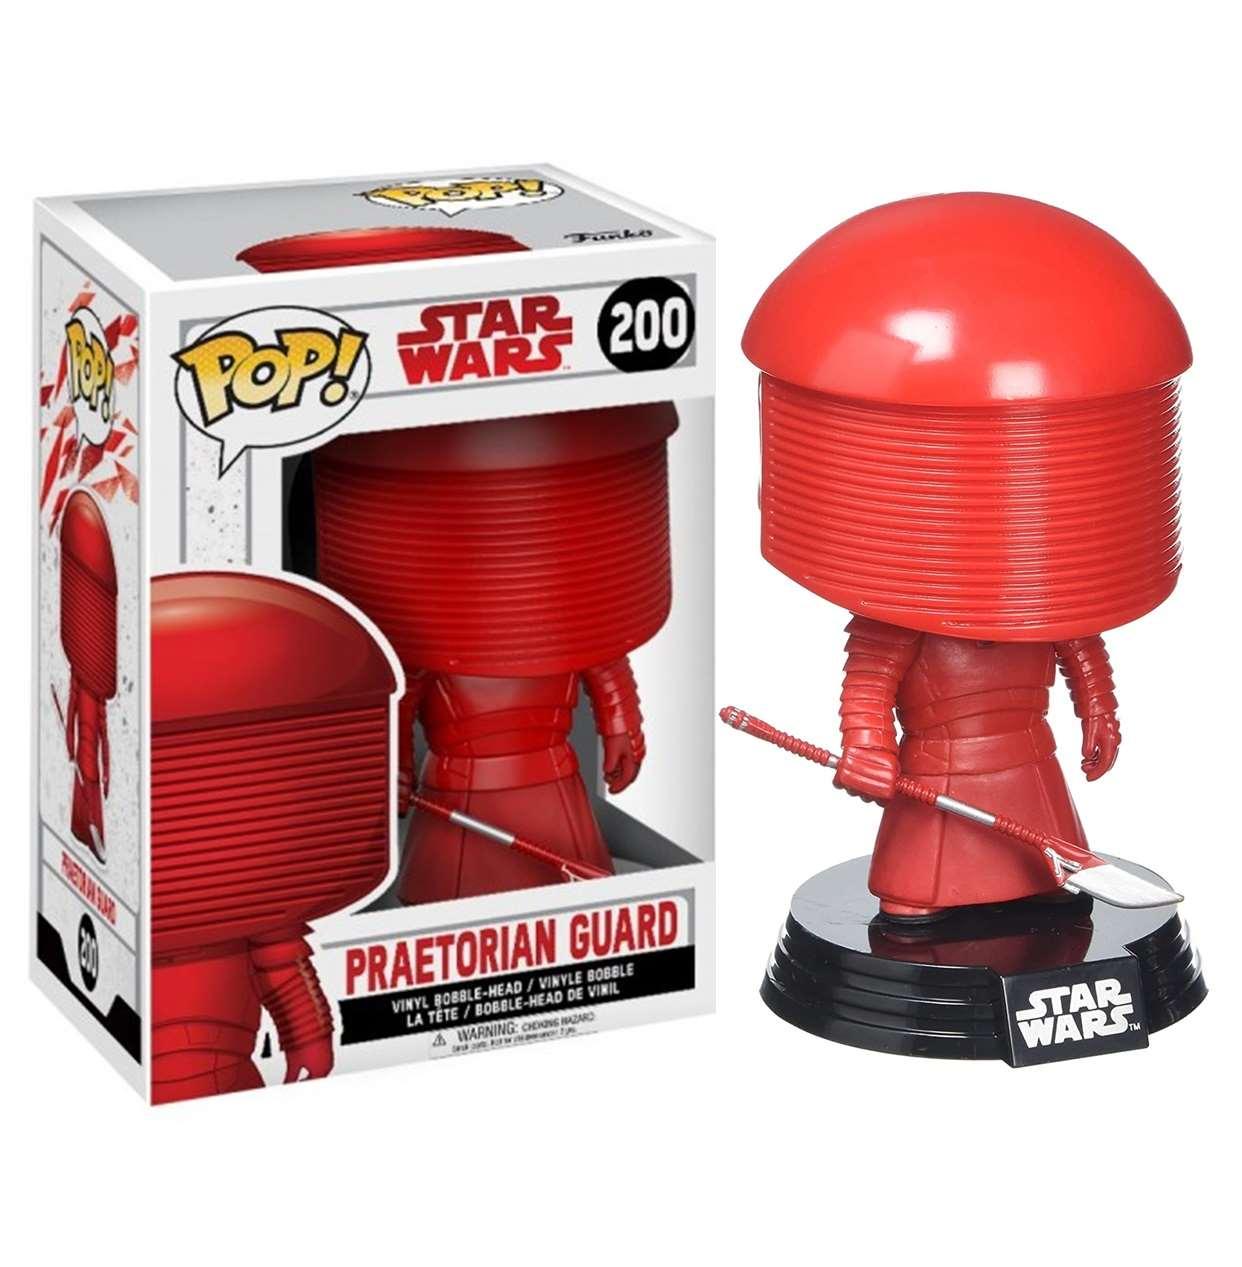 Praetorian Guard #200 Figura Star Wars Funko Pop!